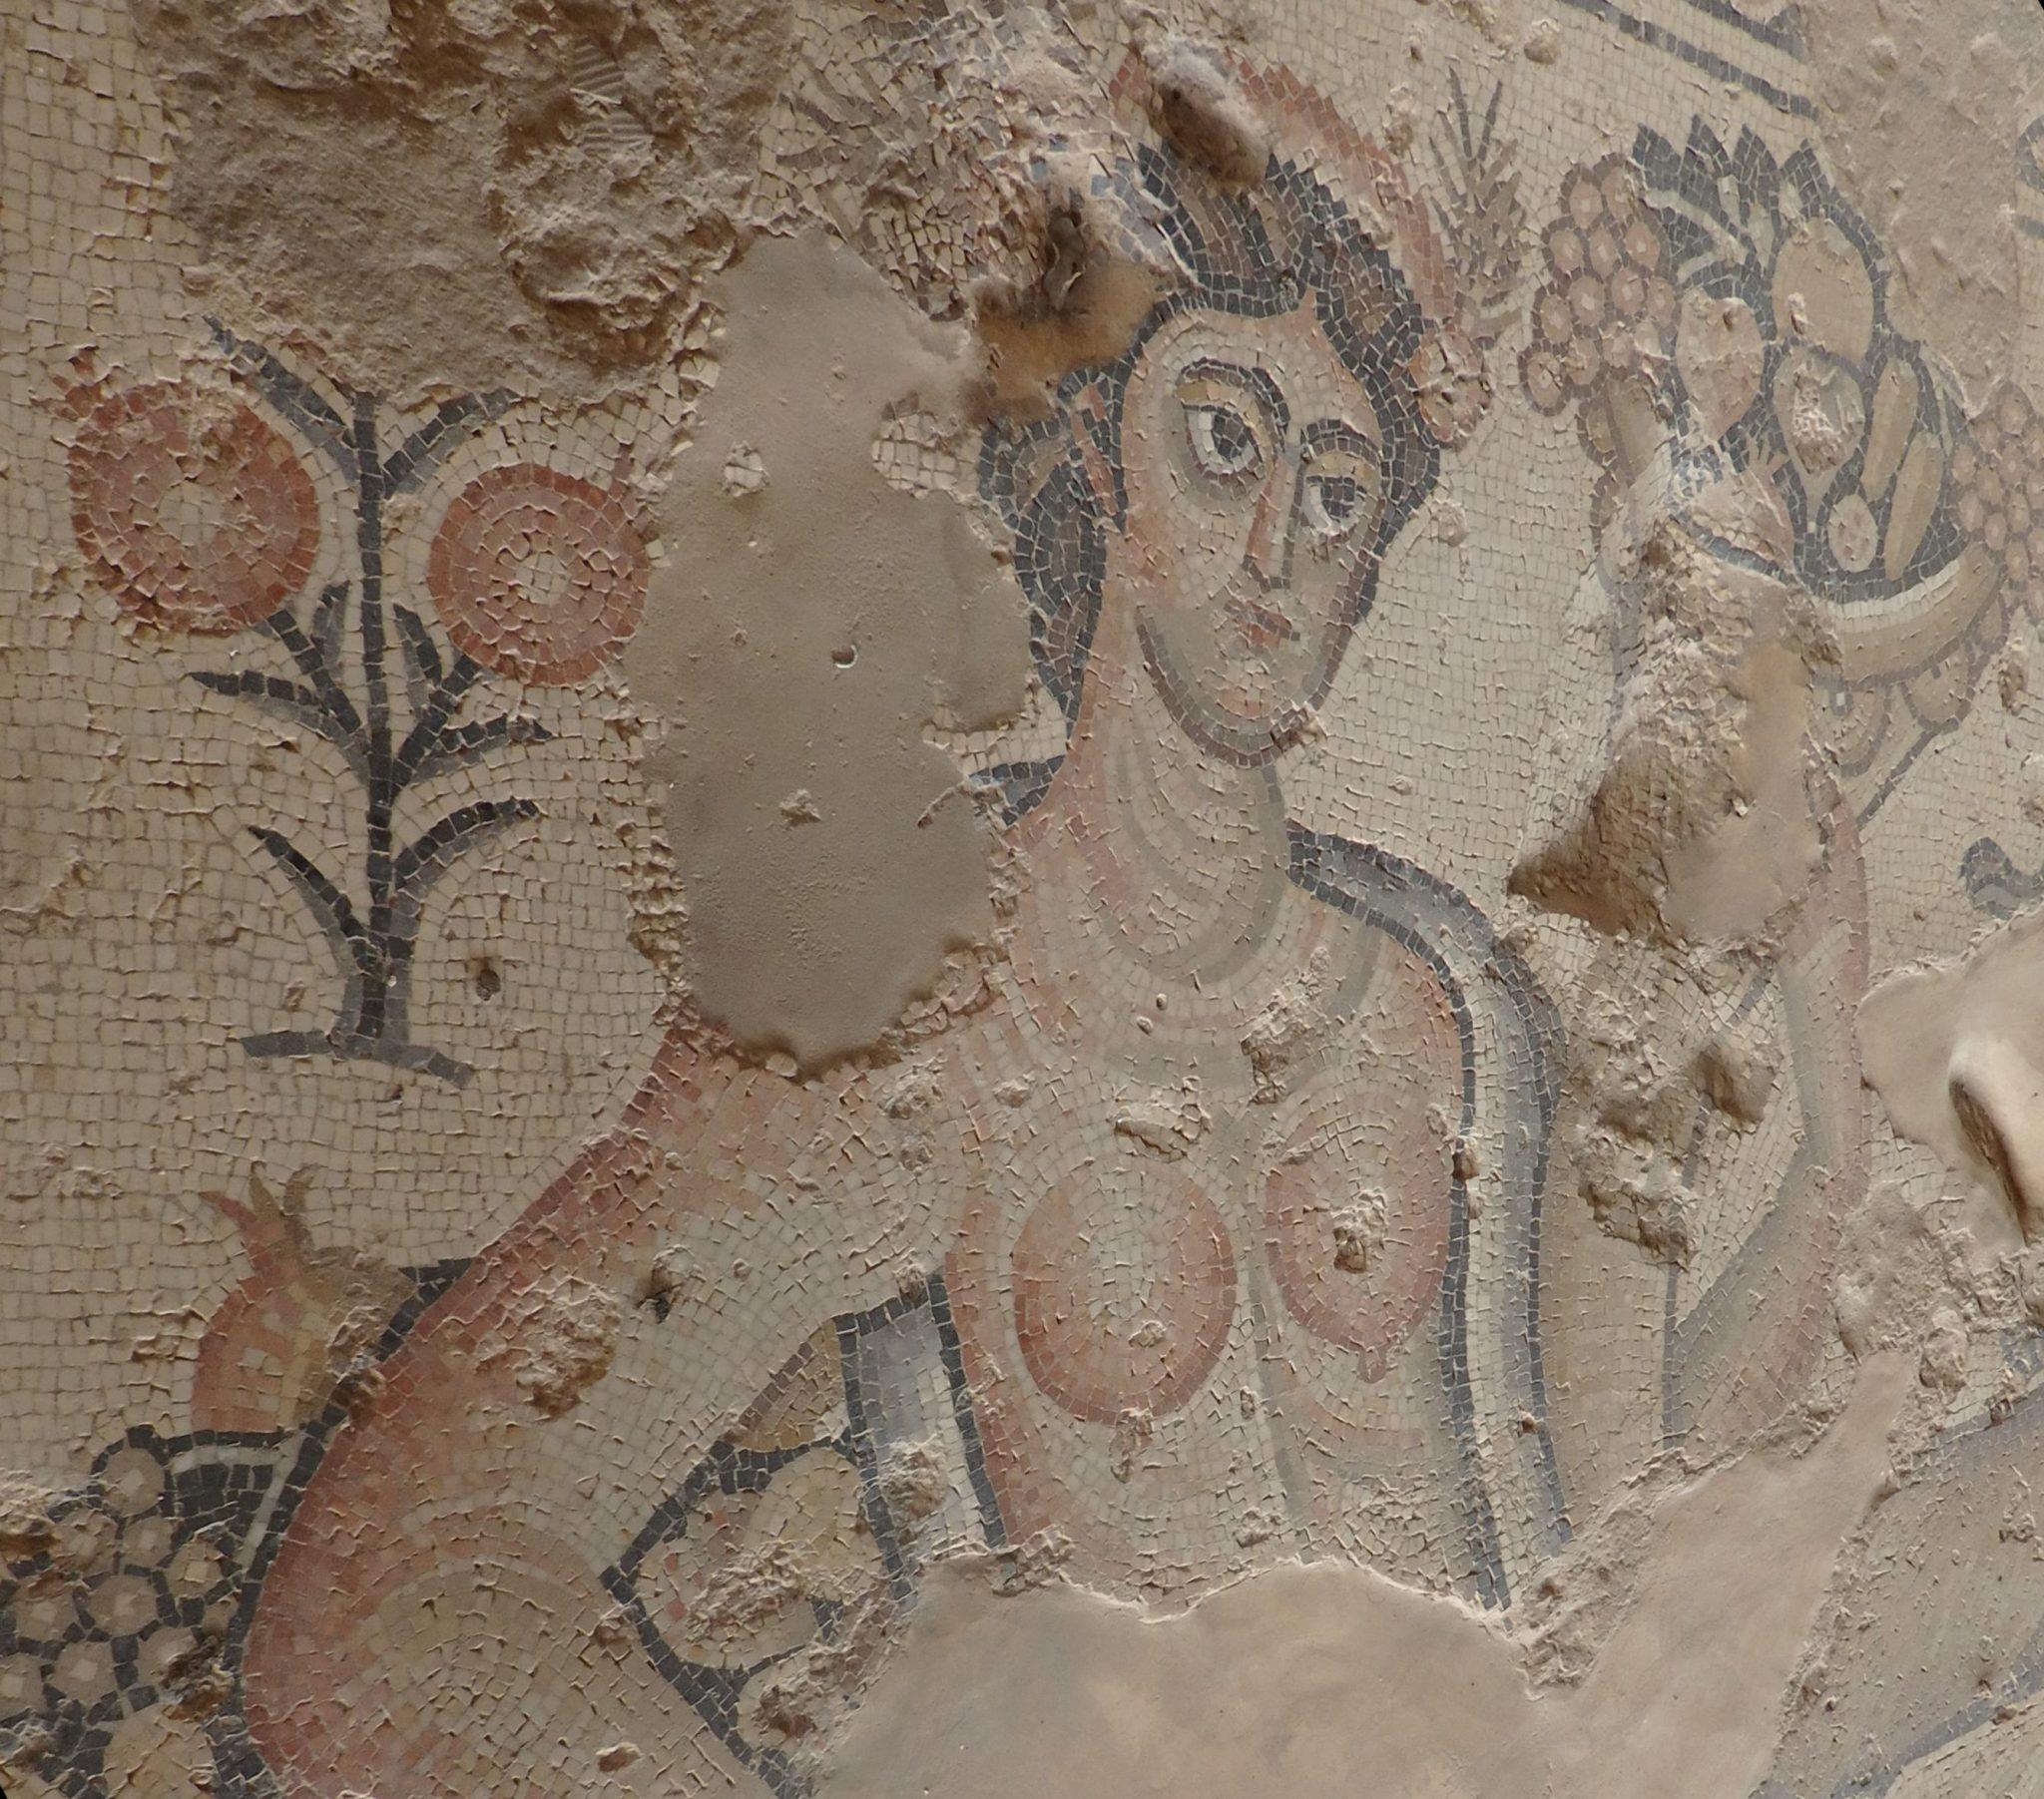 Another mosaic at Zippori National Park